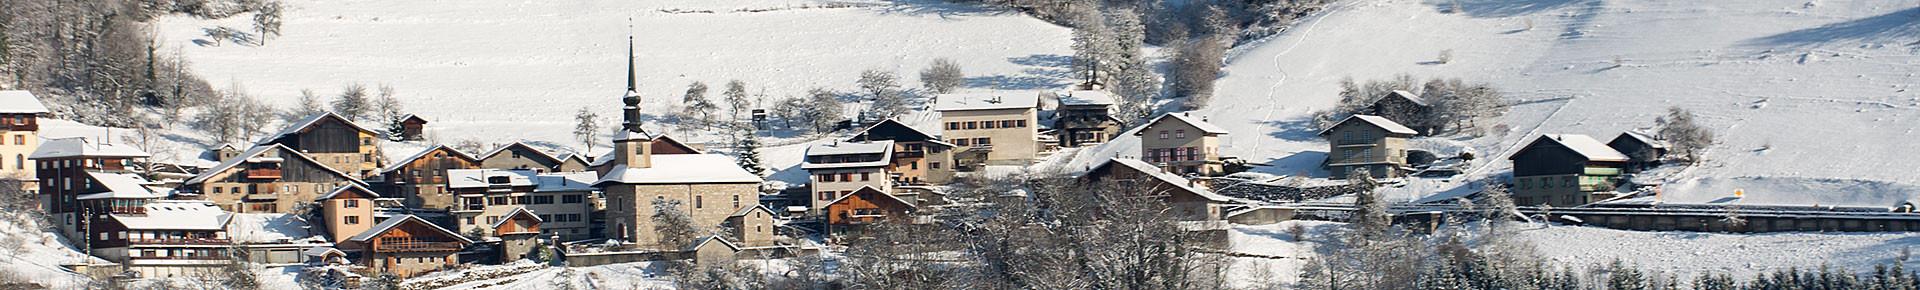 Le village de La Forclaz en hiver